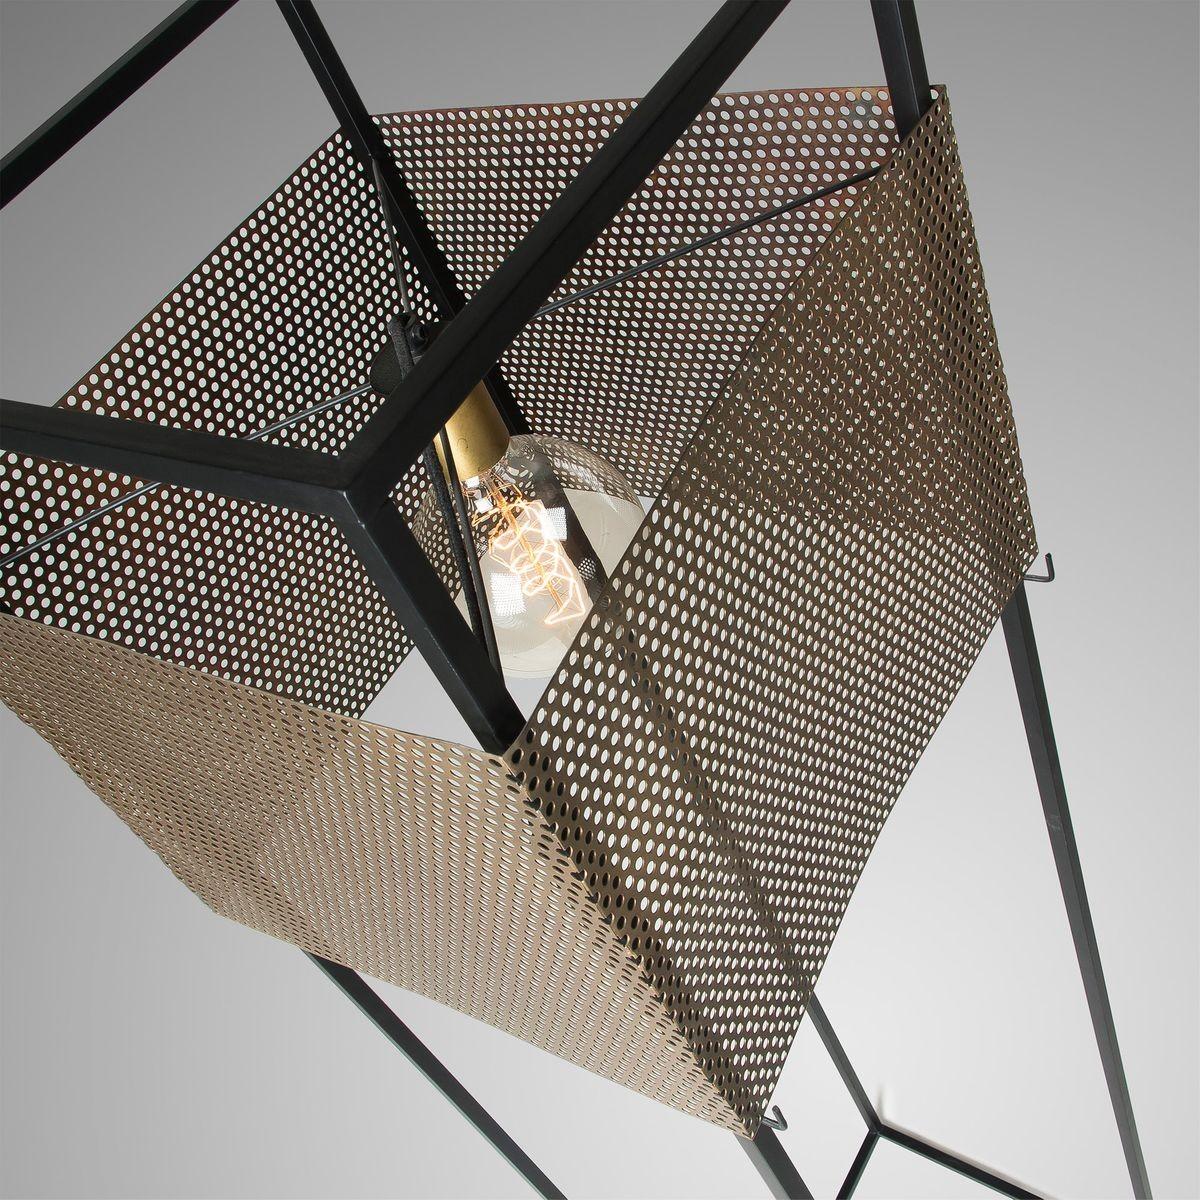 Lampadaire Bert Taille Taille Unique Lampadaire Lampe Sur Pied Lamp